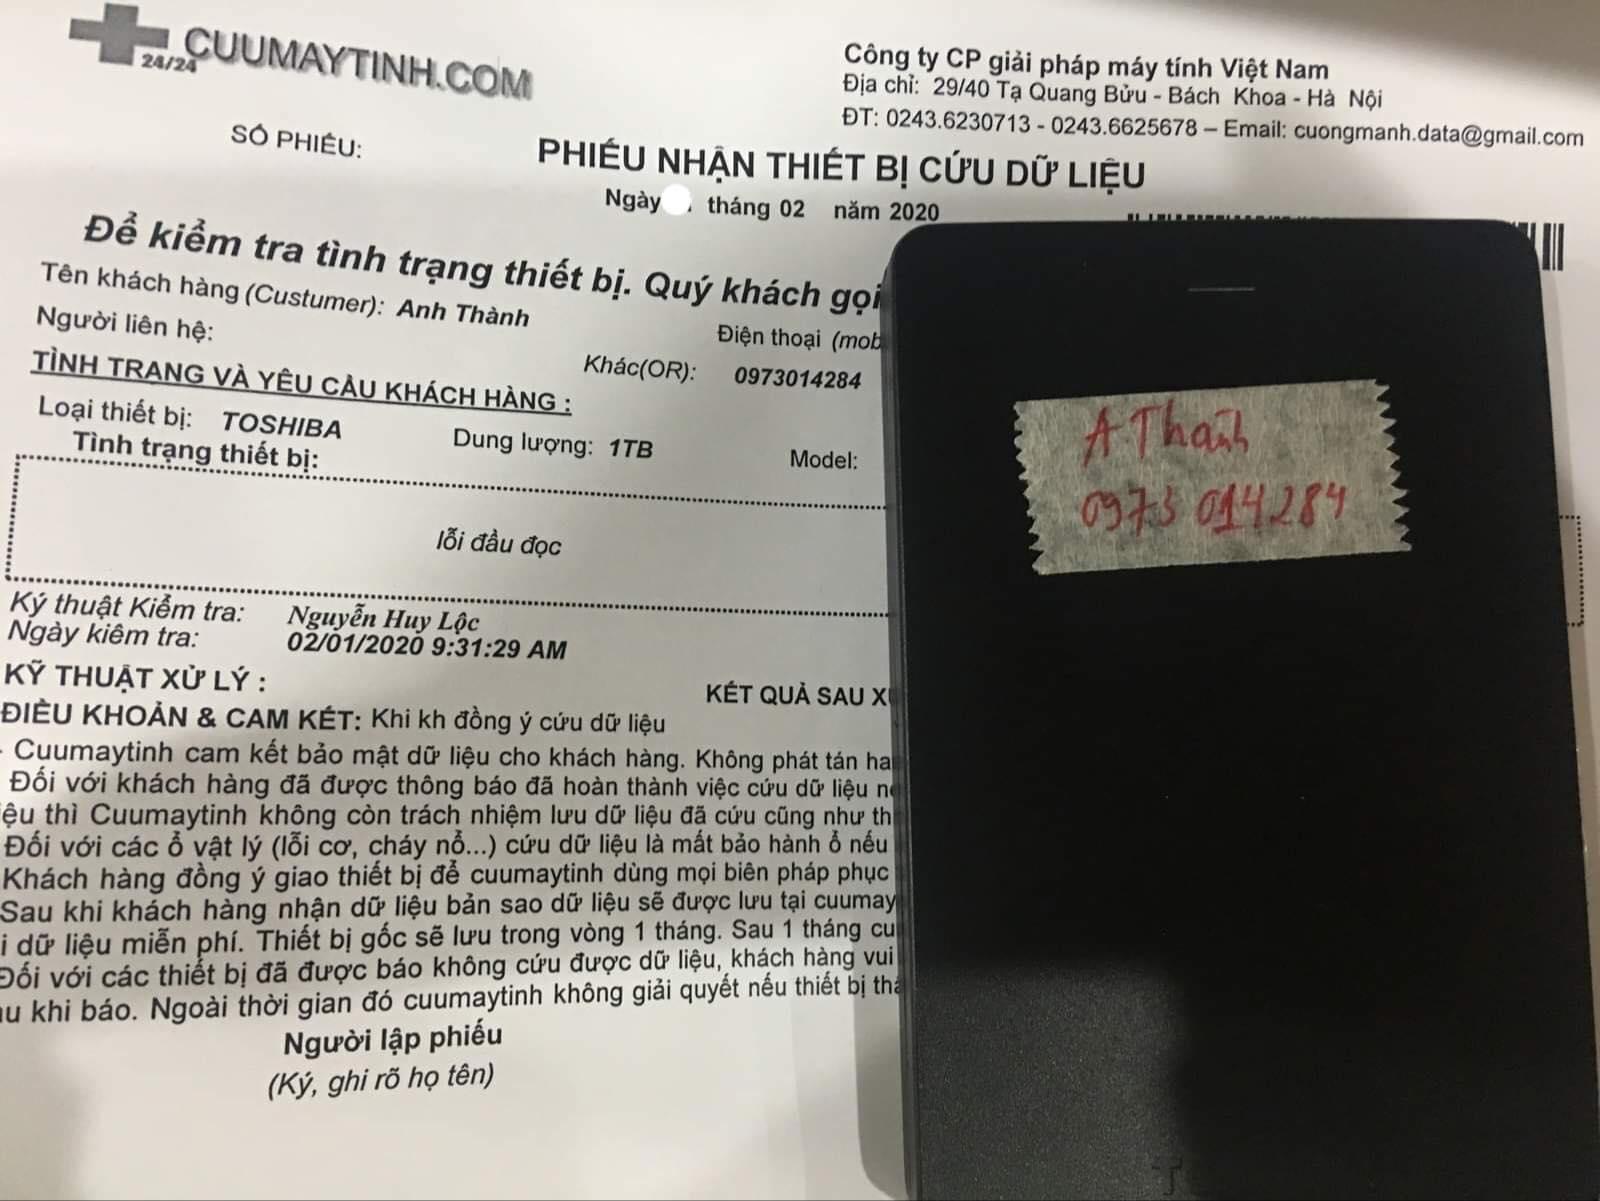 Cứu dữ liệu ổ cứng Toshiba 1TB lỗi đầu đọc 12/02/2020 - cuumaytinh